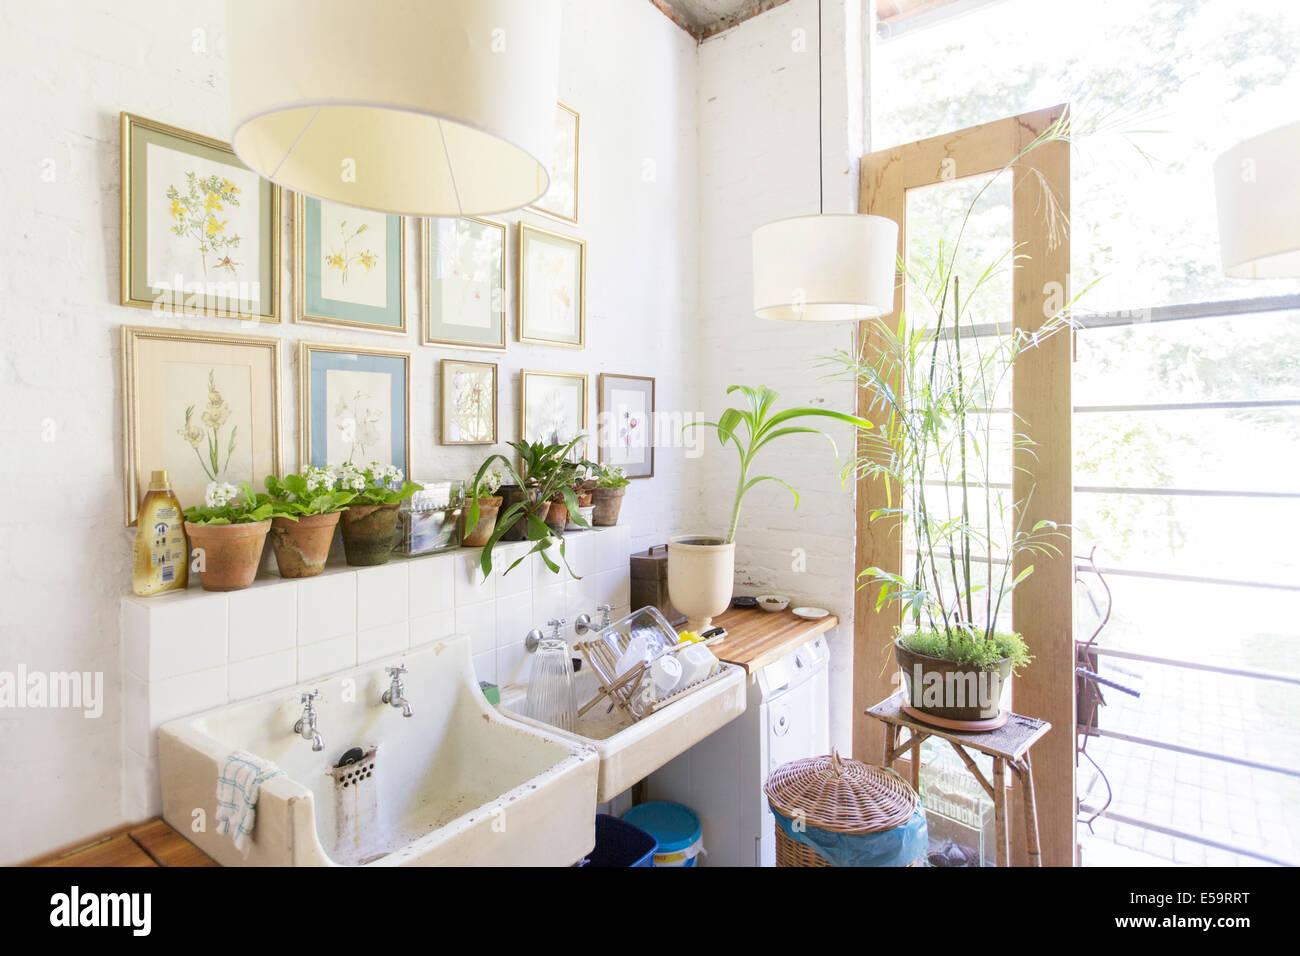 Tappezzerie e luci sopra una cucina rustica lavandino Immagini Stock